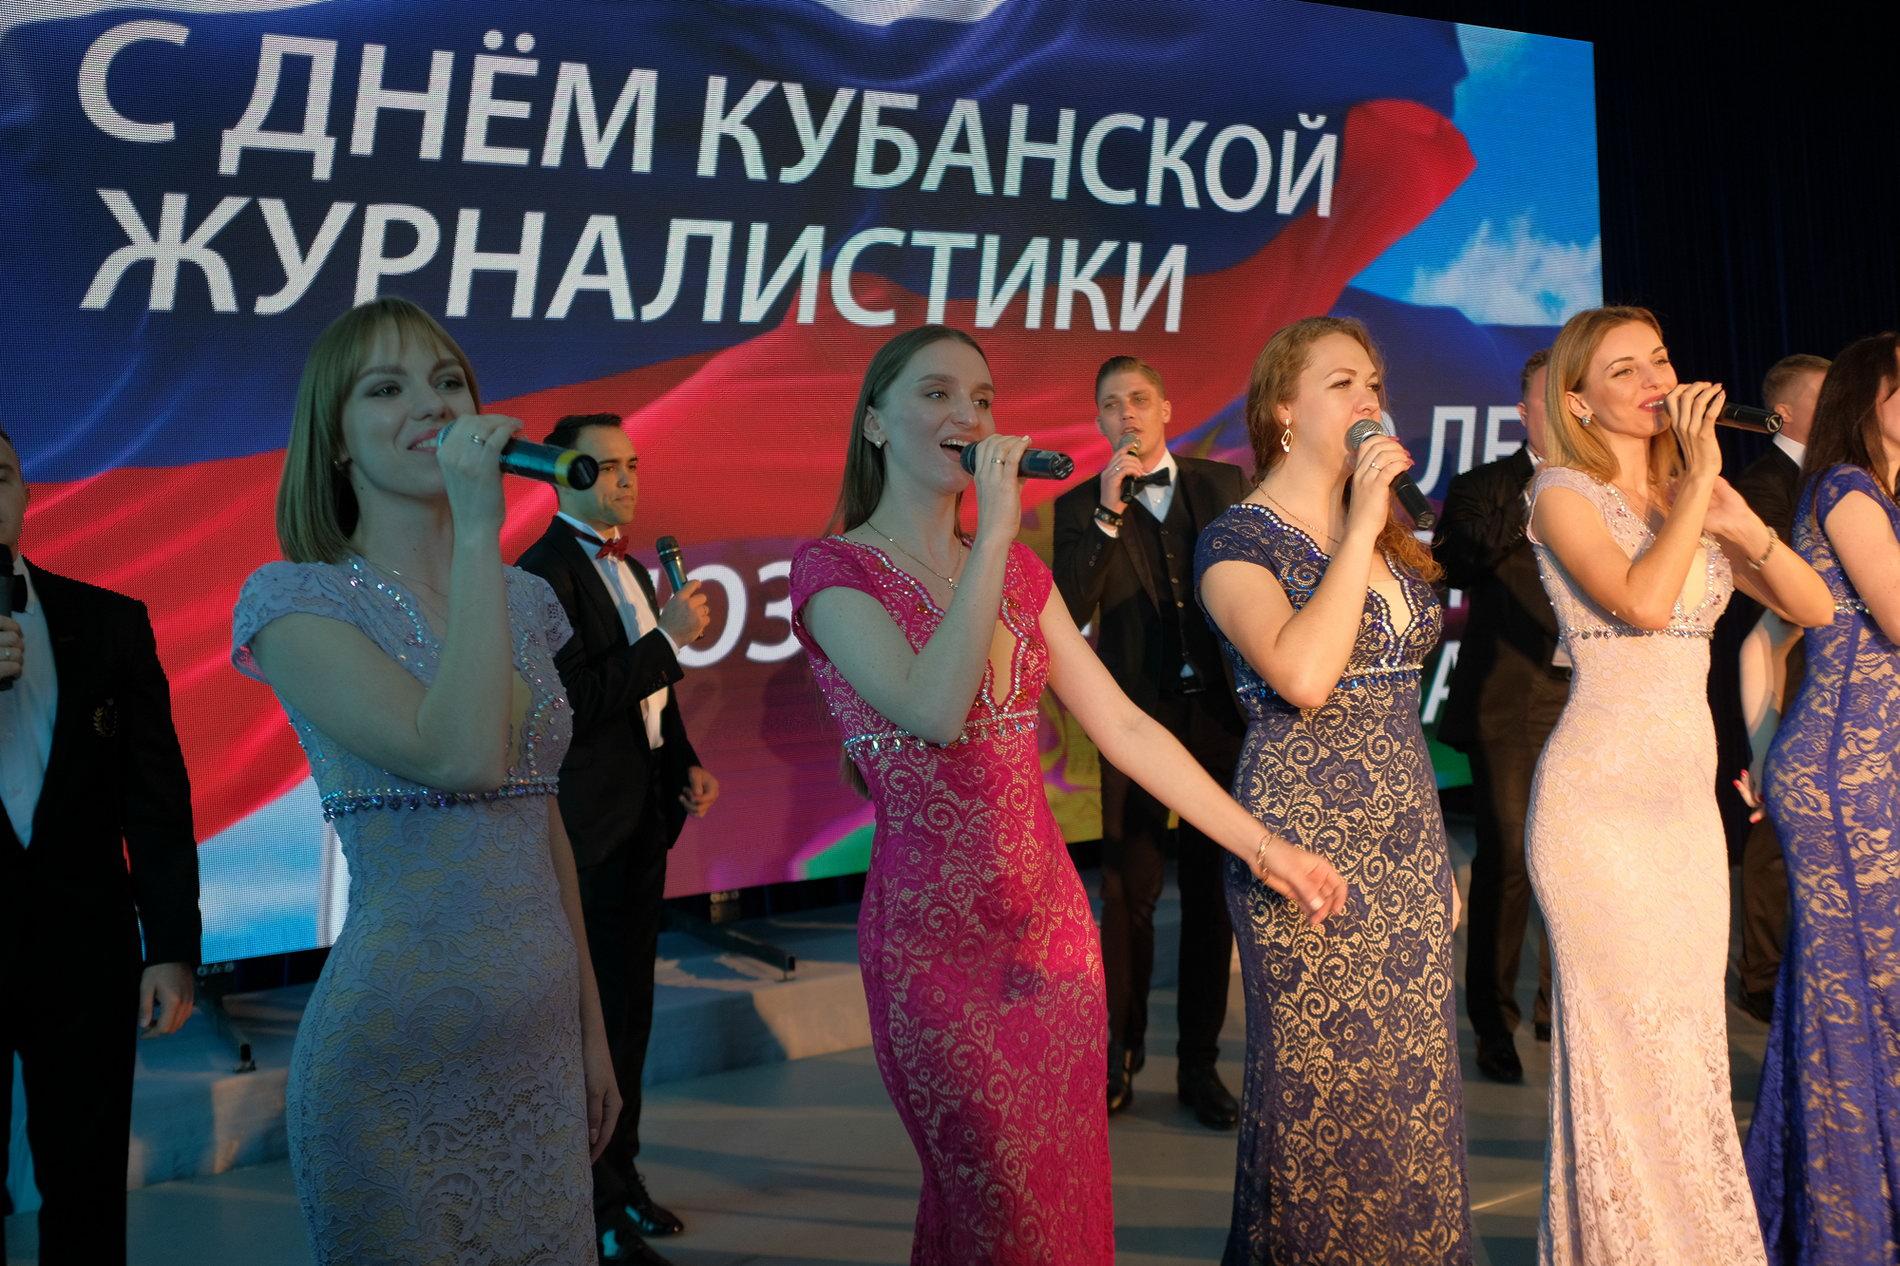 Nikolai_khizhniak-37